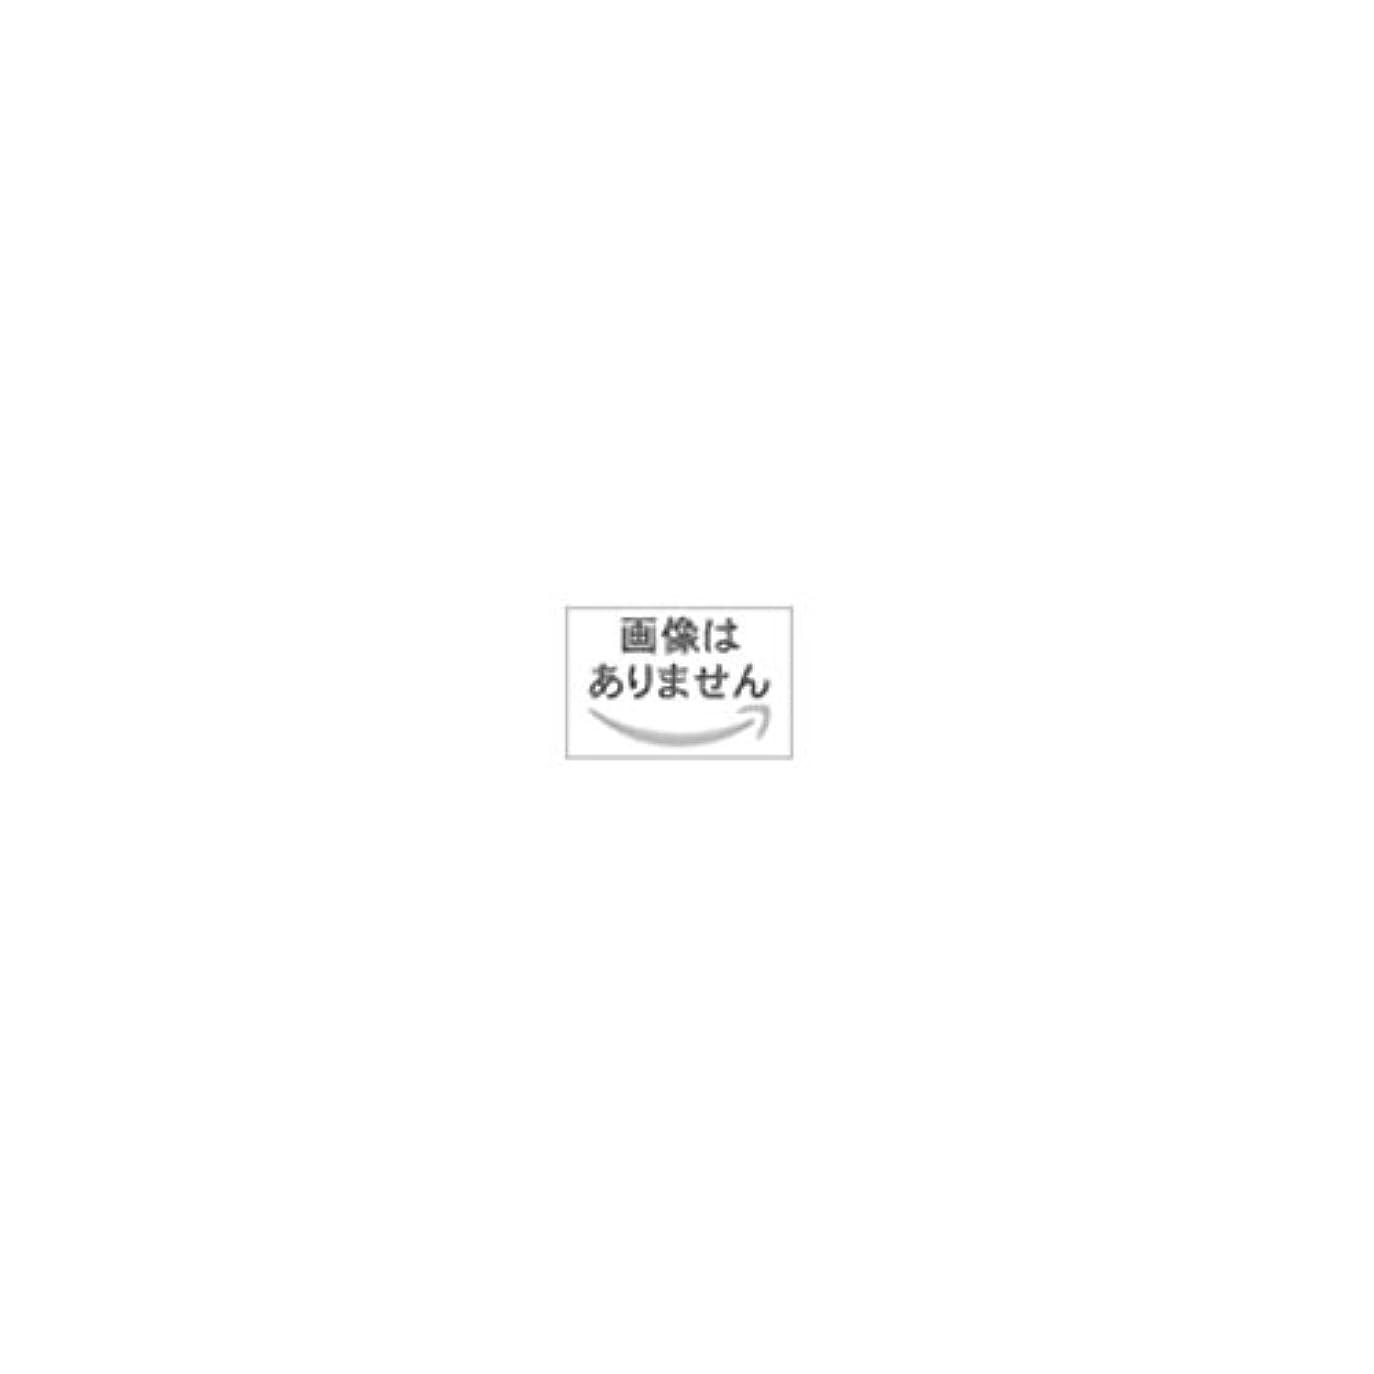 起訴する百科事典収入ミッシュブルーミン イノセント ワンデー【30枚 セピアリッチ BC:8.6mm PWR:-9.00】14.0mm 1day カラコン Miche Bloomin